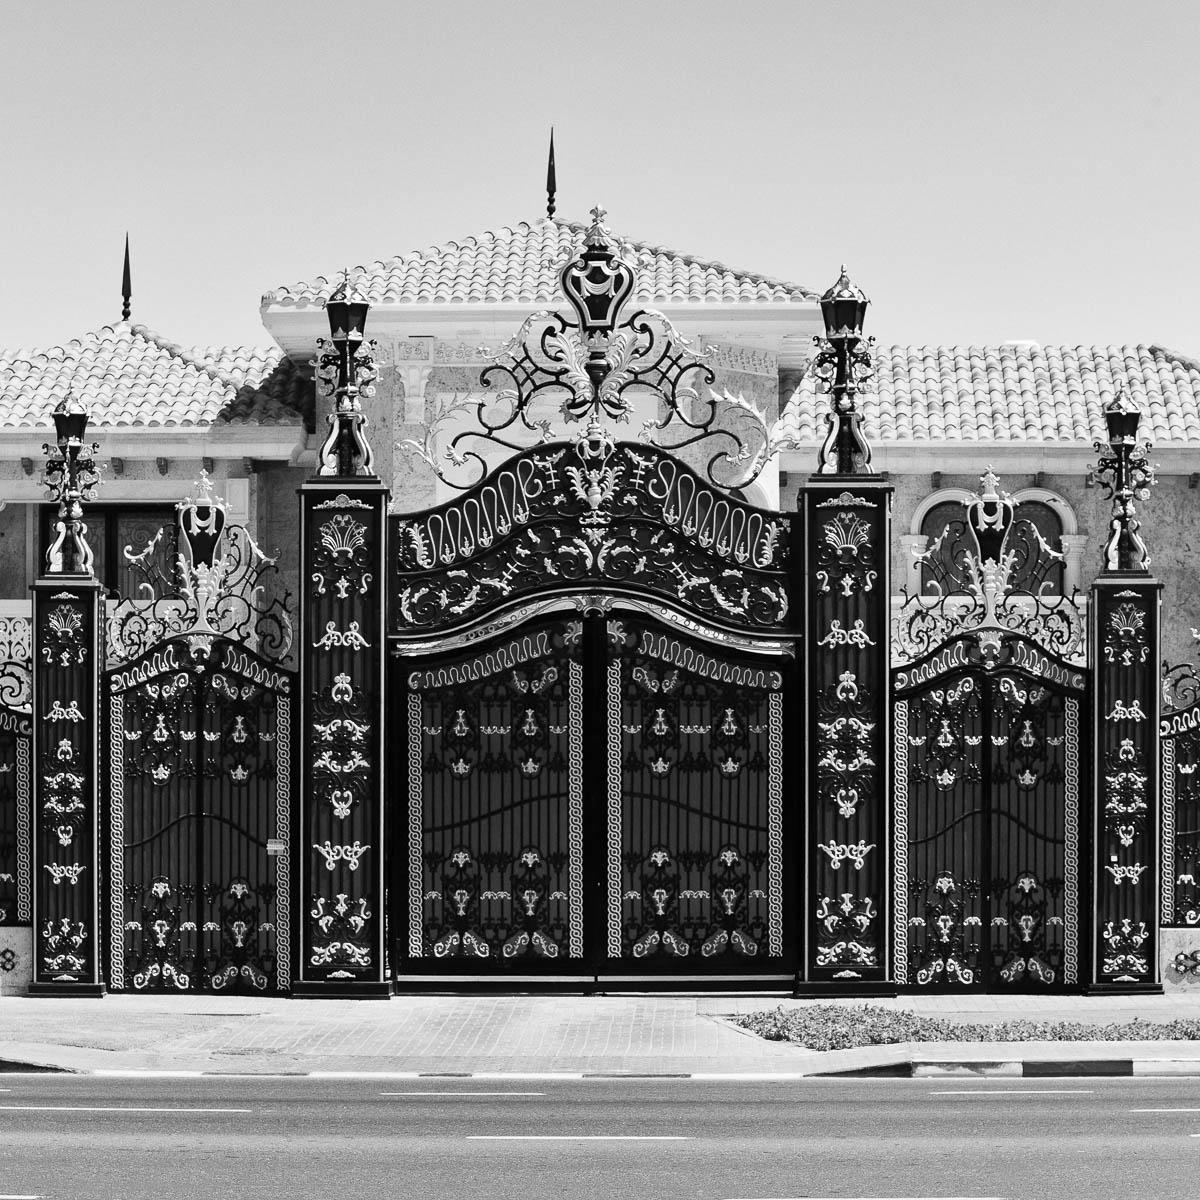 Gates to a private villa in Dubai, UAE